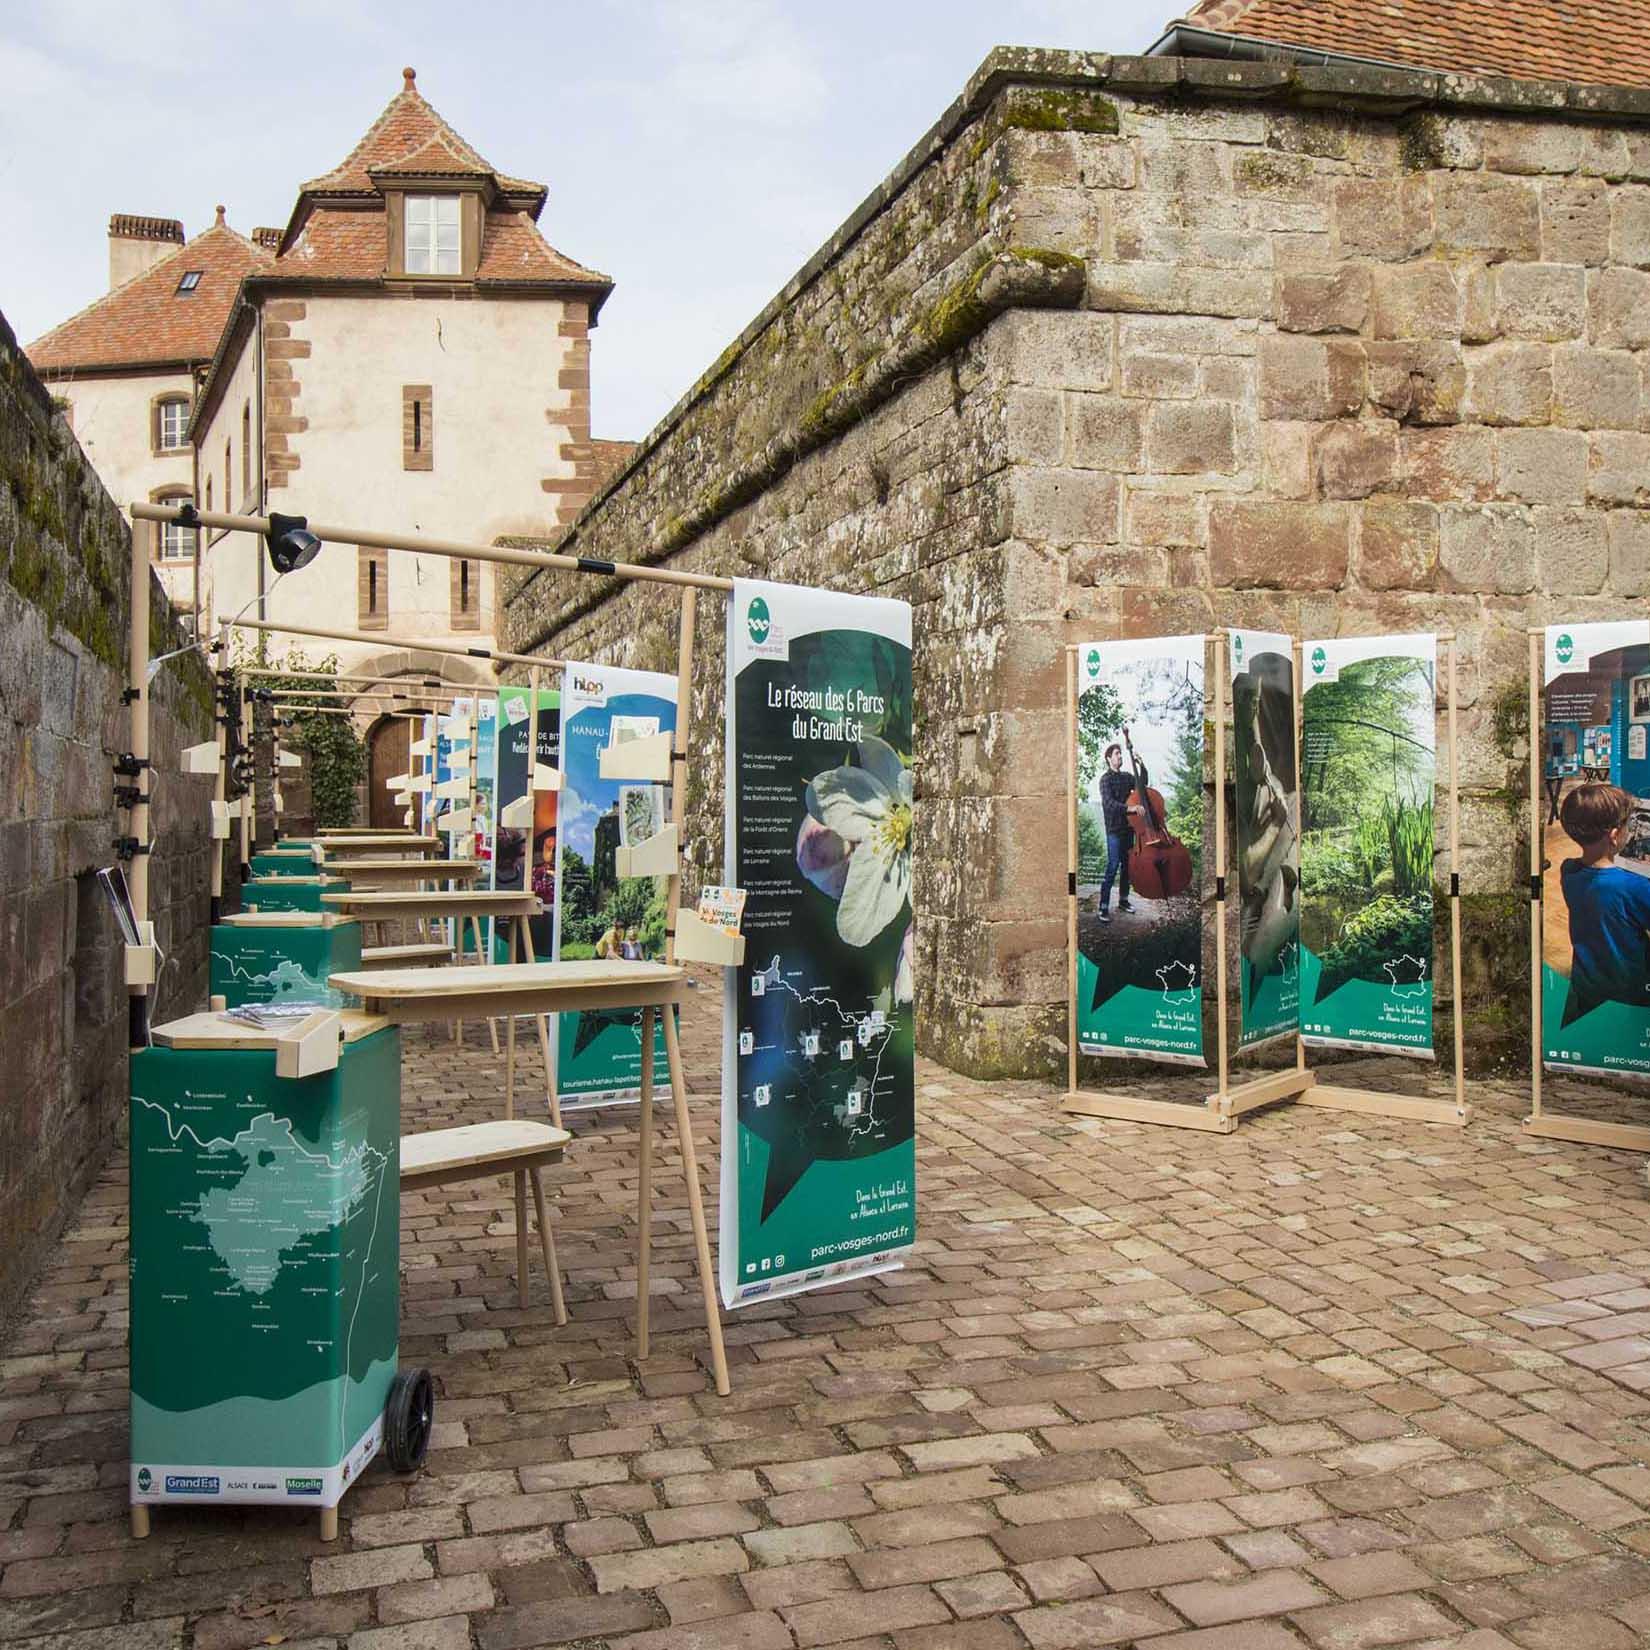 Les 5 stands de valorisation du territoire en hêtre sont déployés devant le château de La Petite Pierre